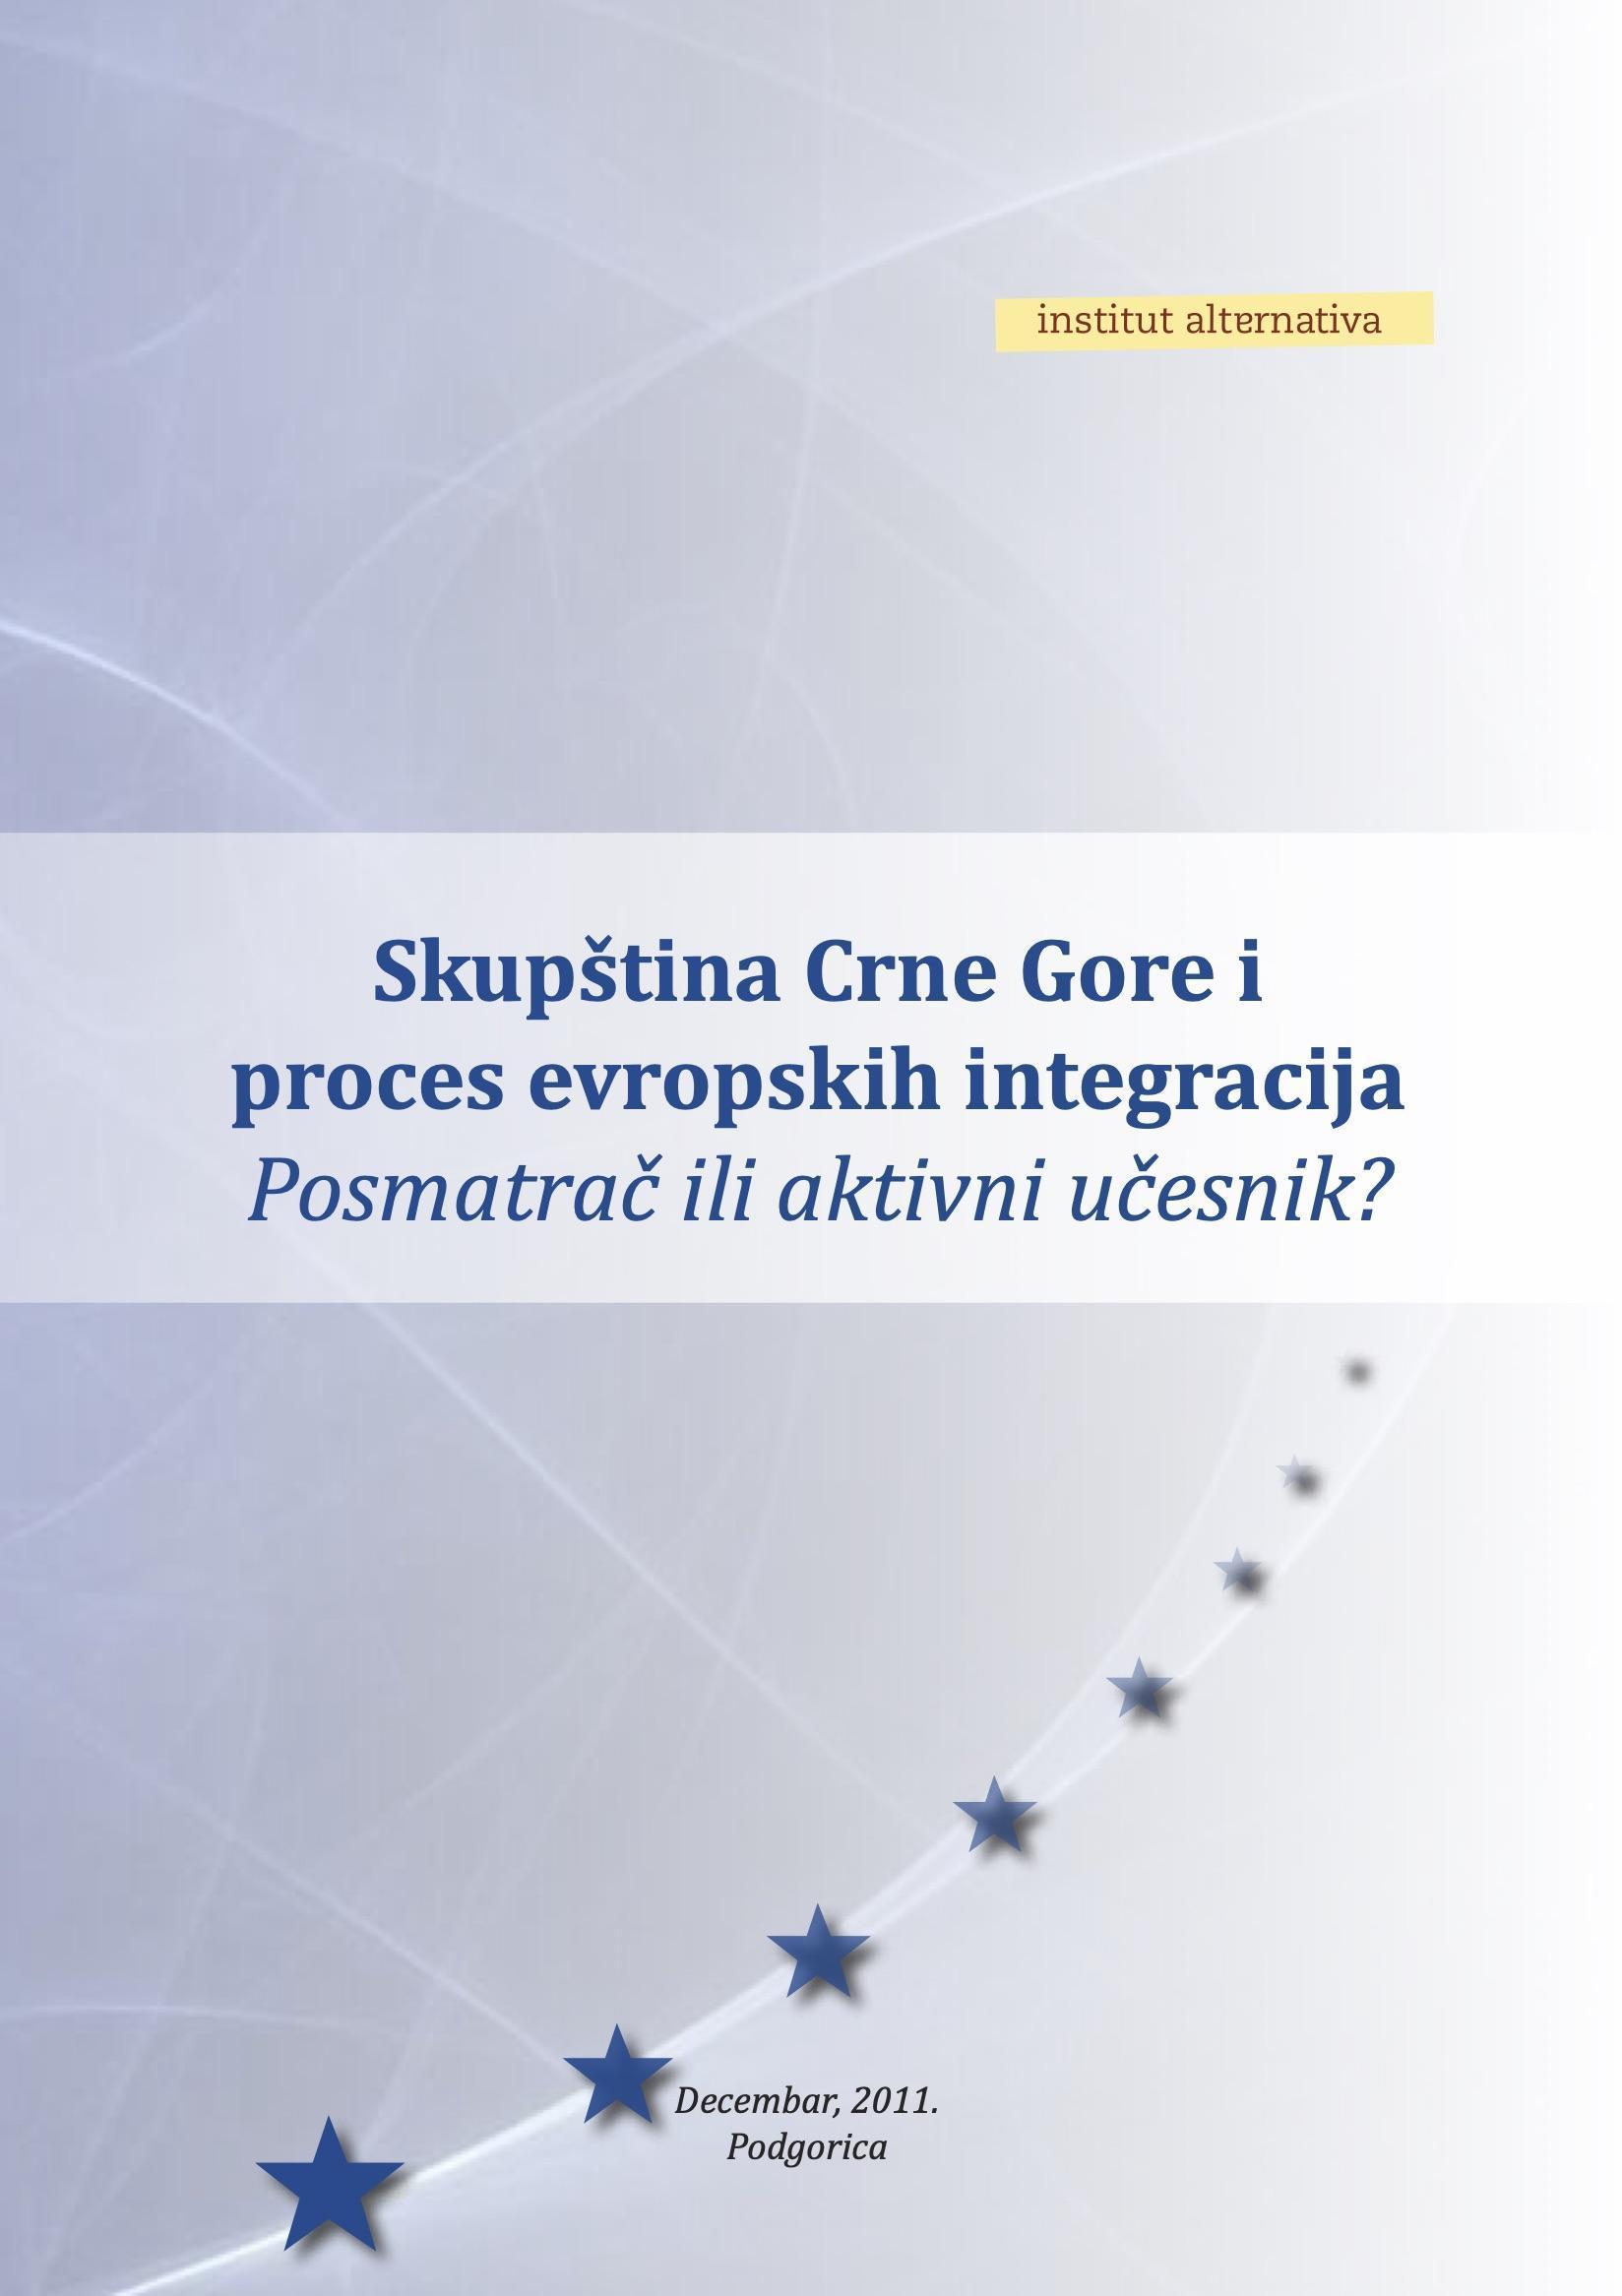 Skupština Crne Gore u procesu evropskih integracija – posmatrač ili aktivni učesnik?